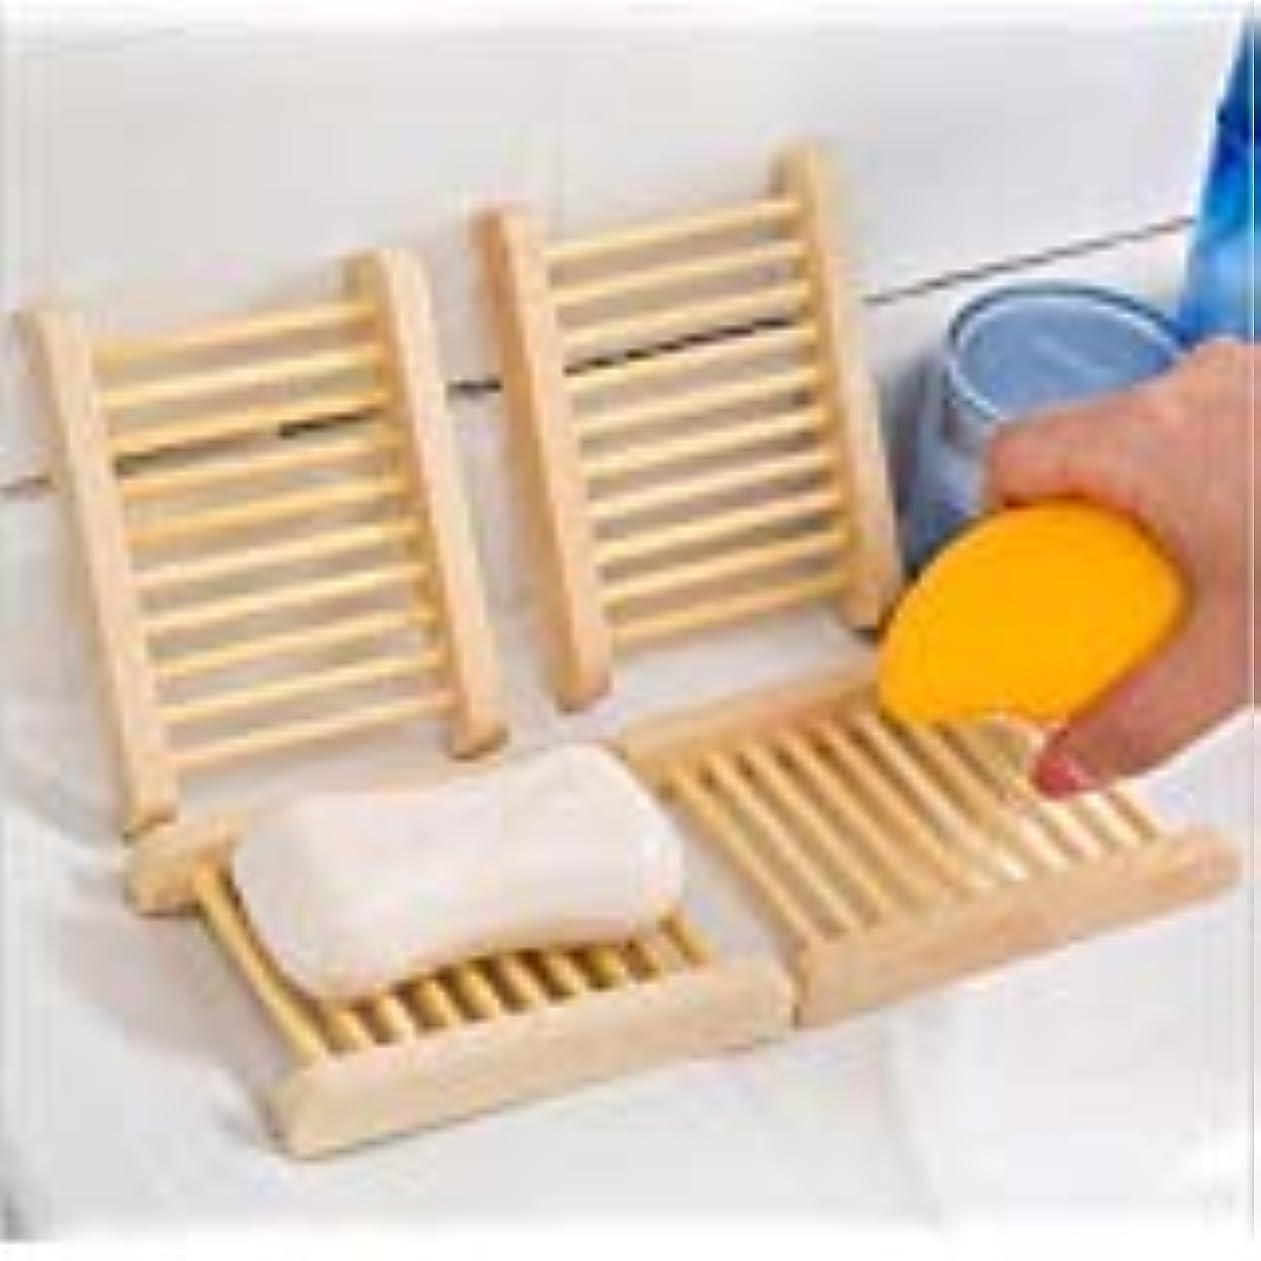 発明促すリードKINGZUO ソープトレー せっけんトレー 石鹸置き石鹸置き 石鹸ボックス ソープディッシュ 水切り お風呂 バス用品 木製 4個入り